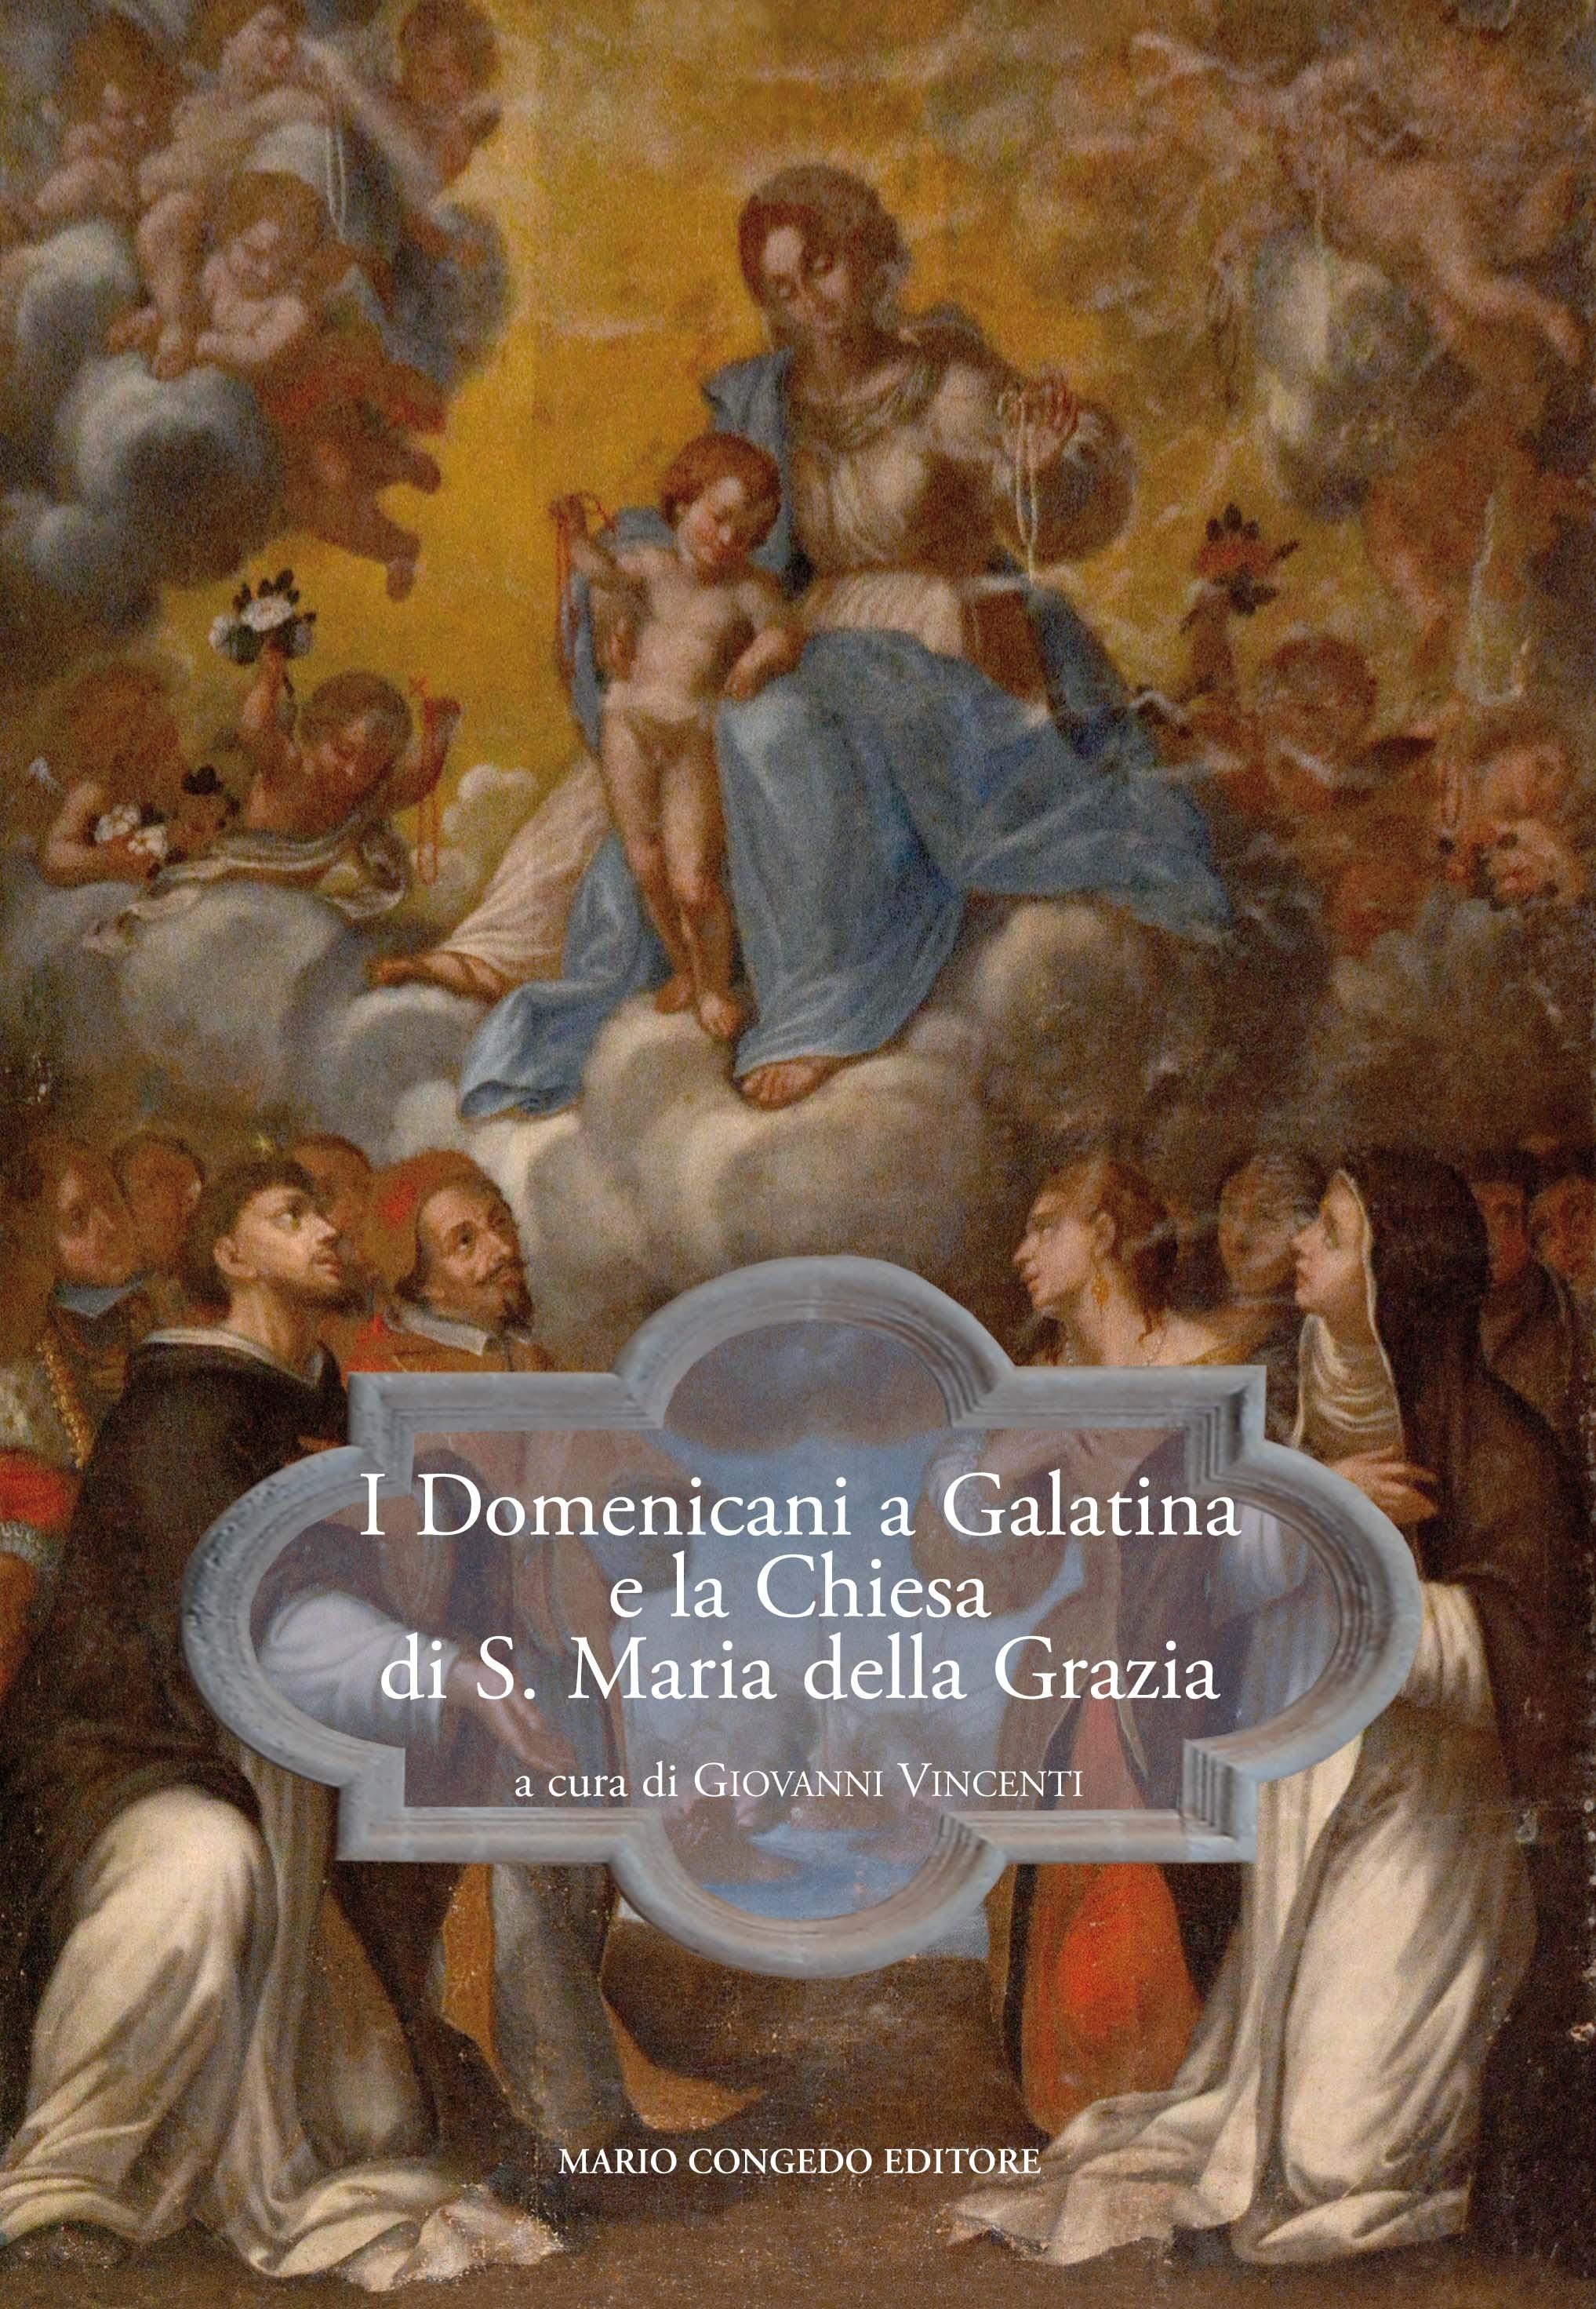 I Domenicani a Galatina e la Chiesa di S. Maria della Grazia